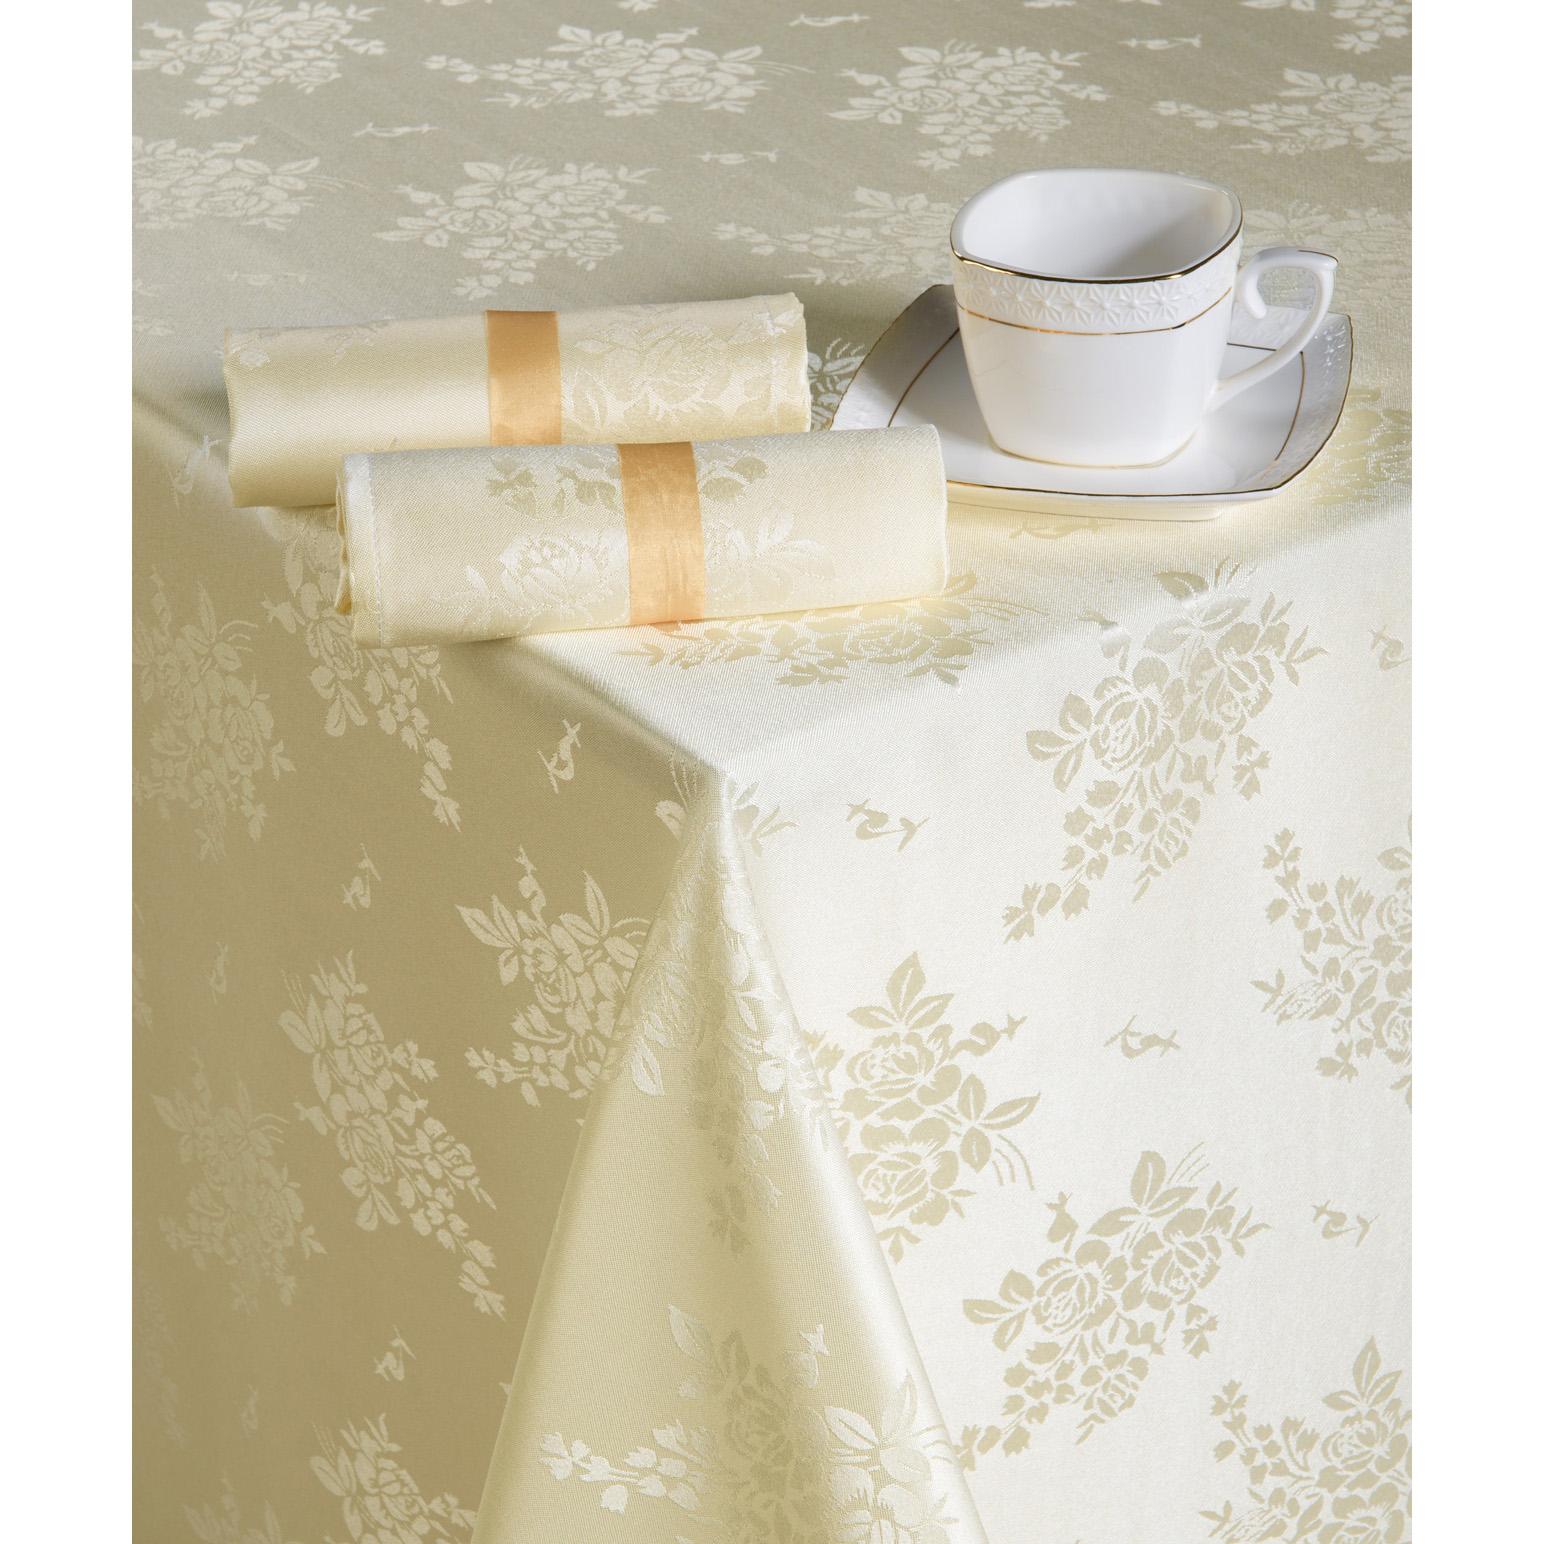 Комплект  Нинель  Шампань, размер 150х150 см - Текстиль для дома артикул: 12220